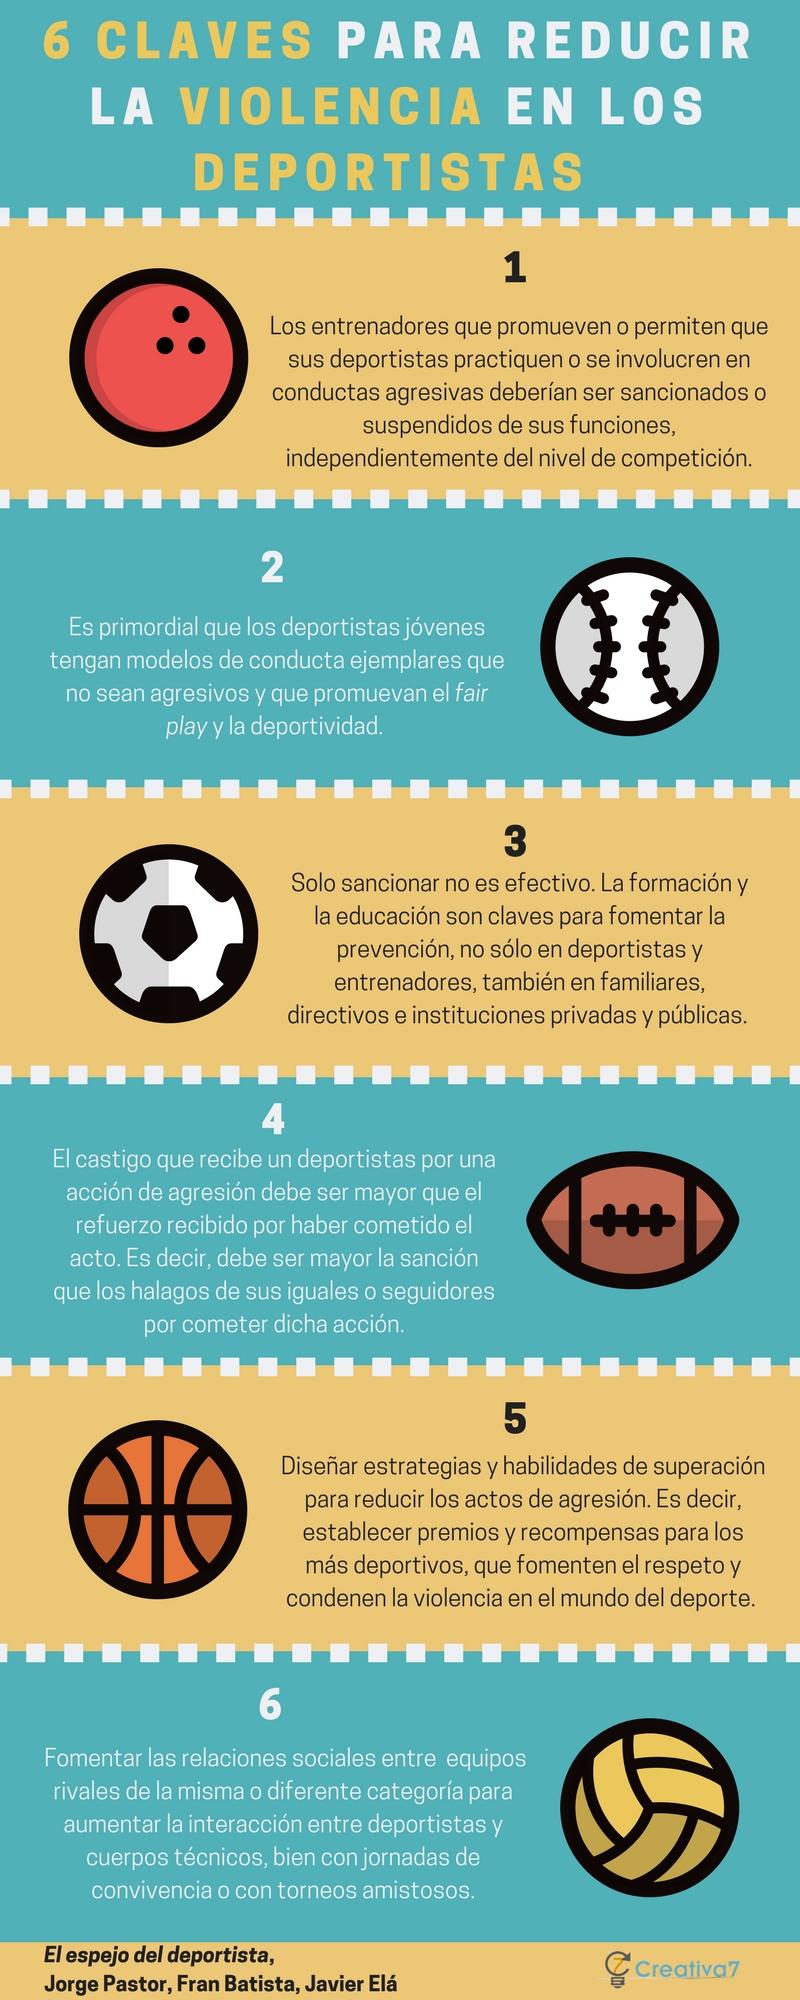 6 claves para reducir la violencia en los deportistas